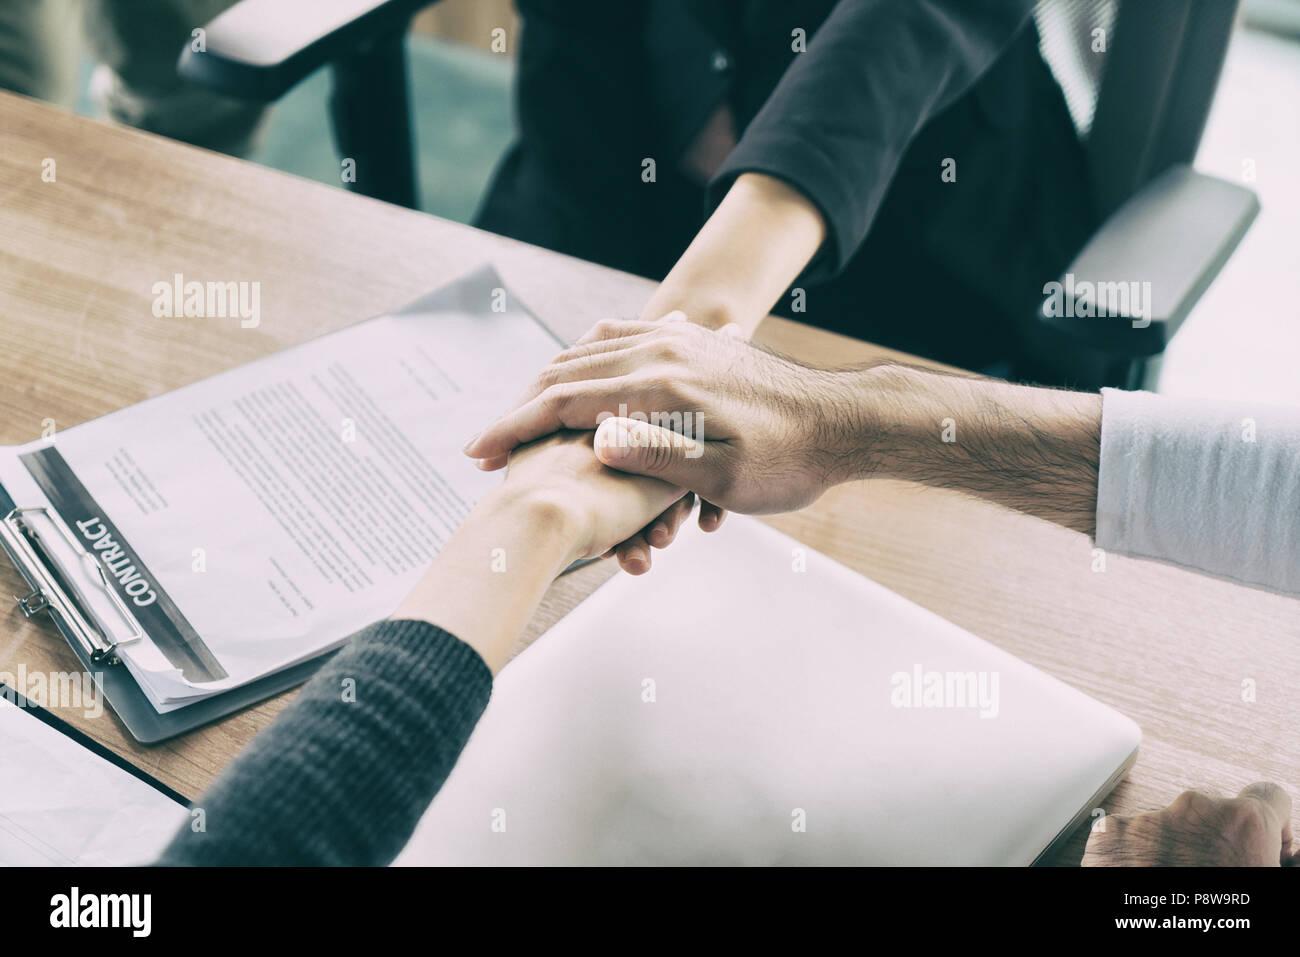 Perfekt Drei Business Partner Team Mit Hände Zusammen Zu Begrüßung Bis Projekt Im  Büro Beginnen. Business Meeting Konzept